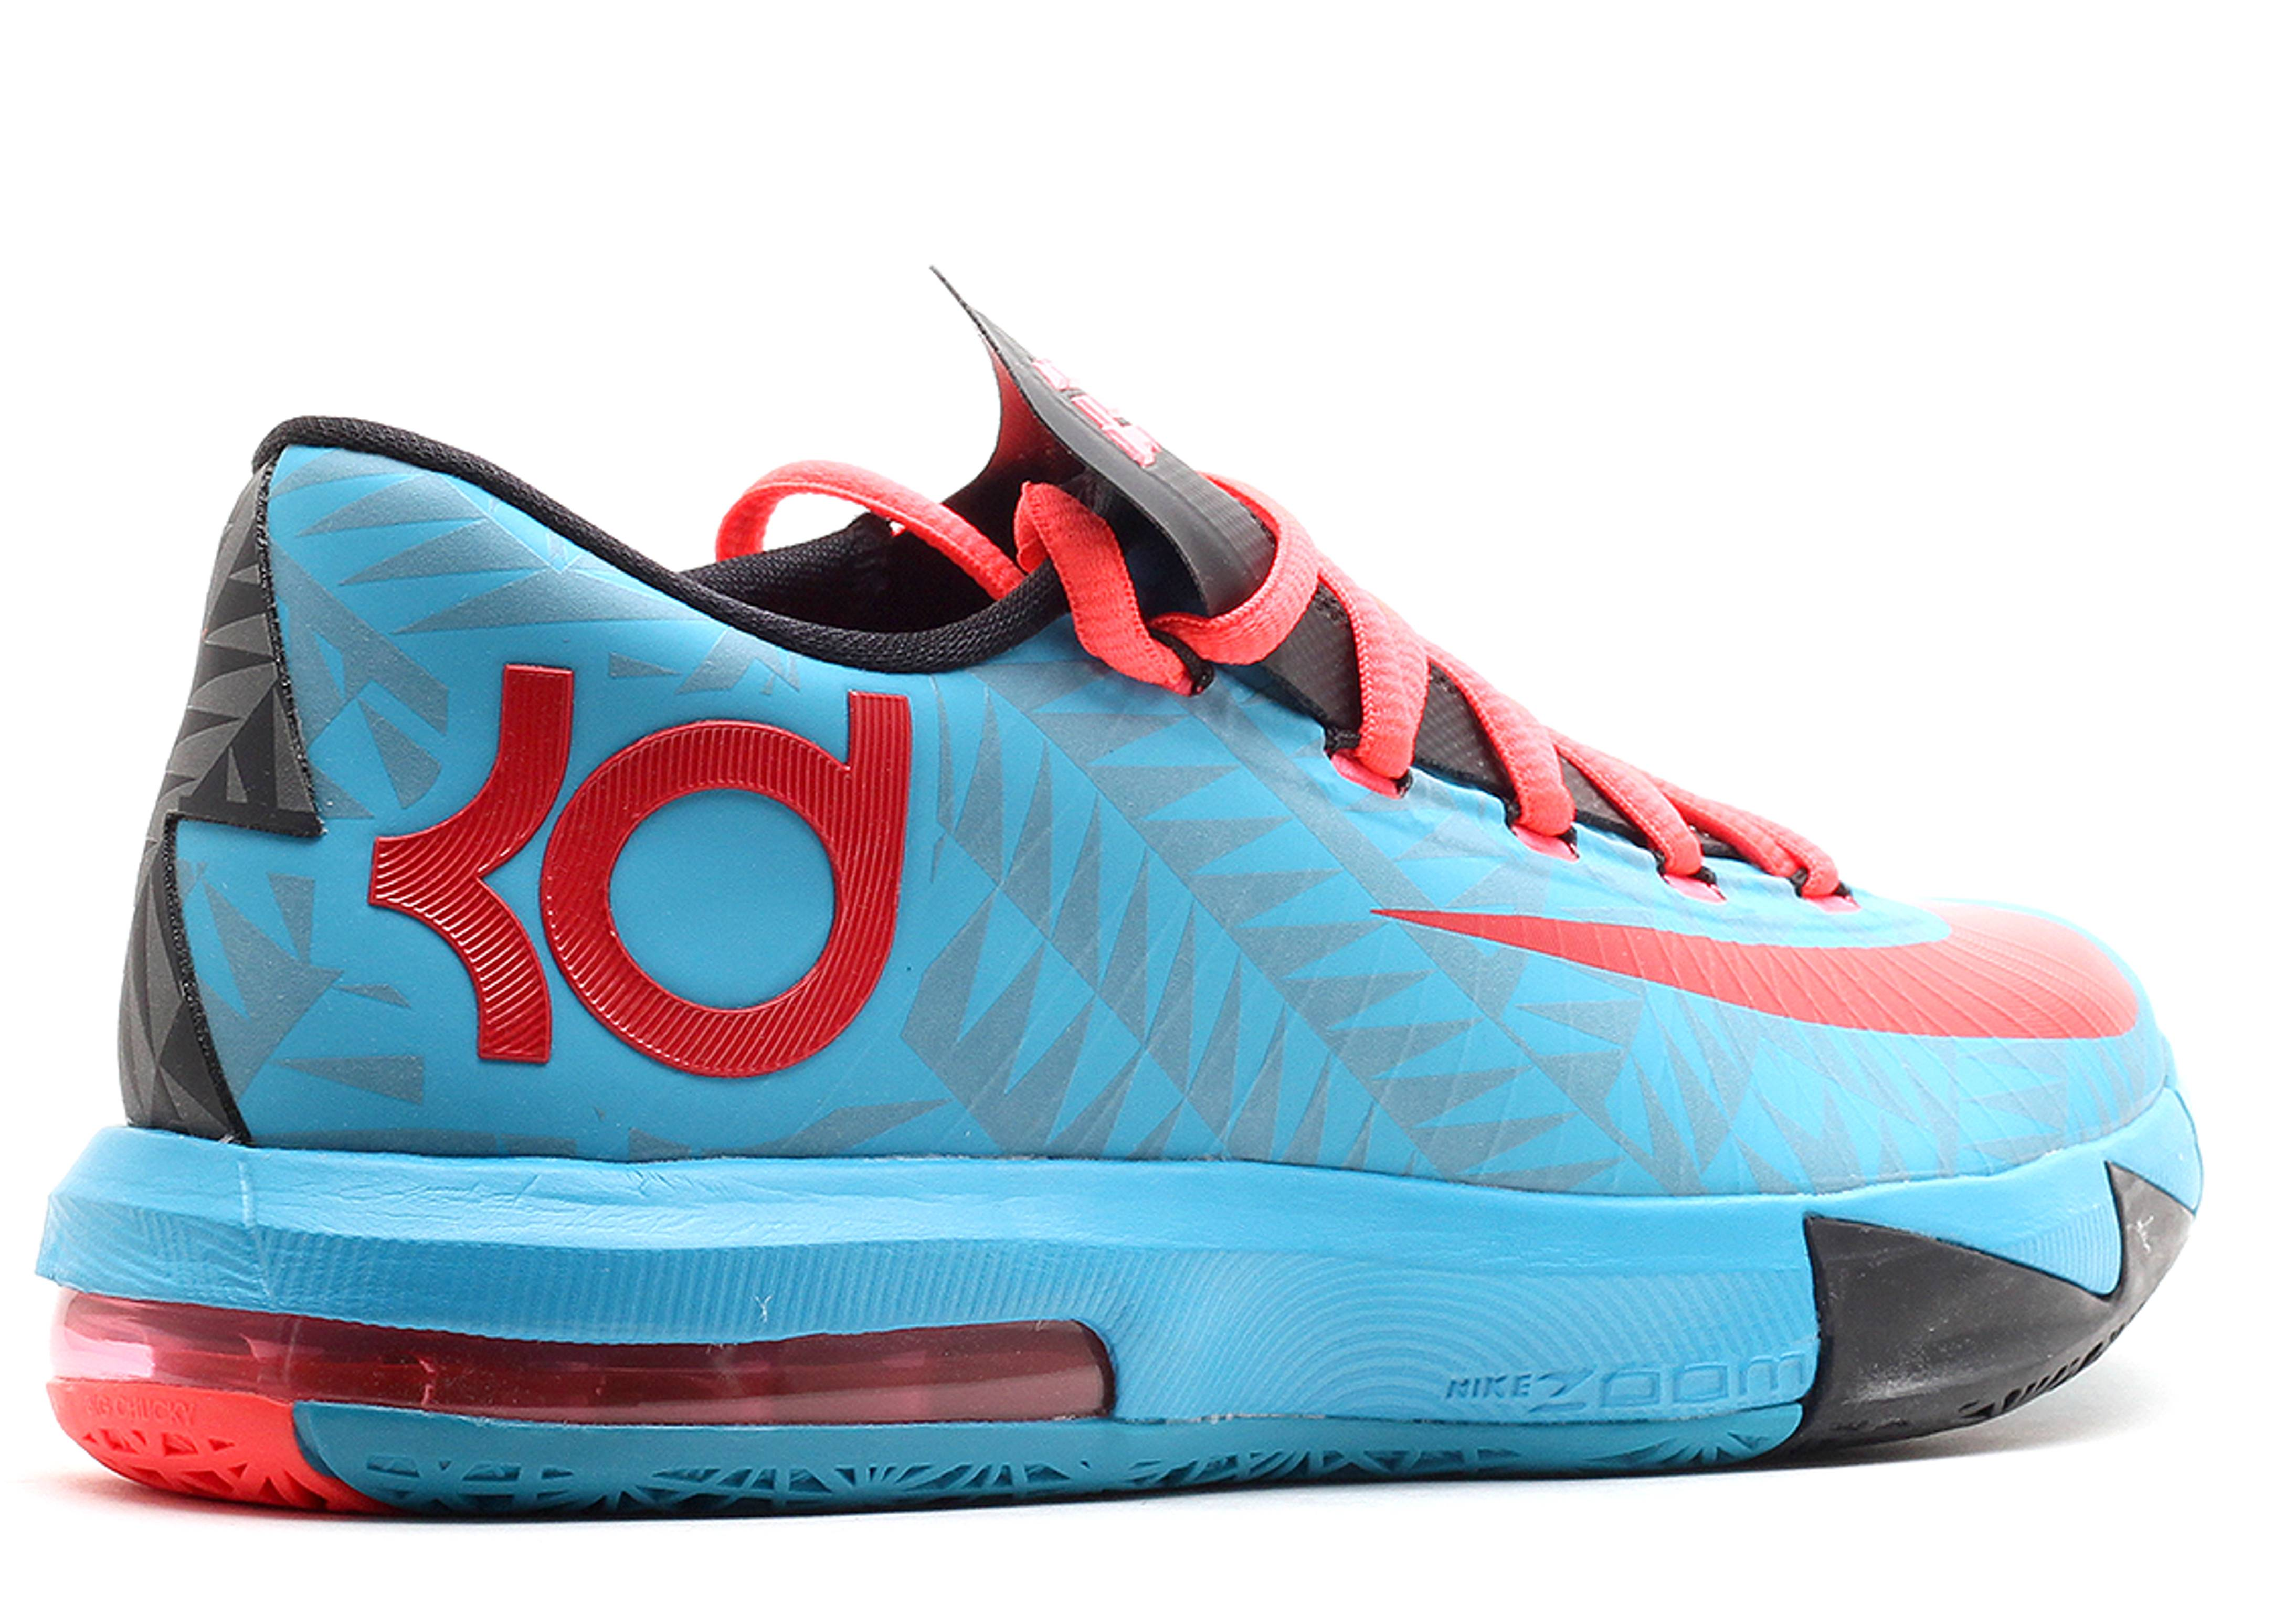 Kd 6 N7 - Nike - 626368 466 - dk trqs/unvrsty rd-blck-atmc r   Flight Club